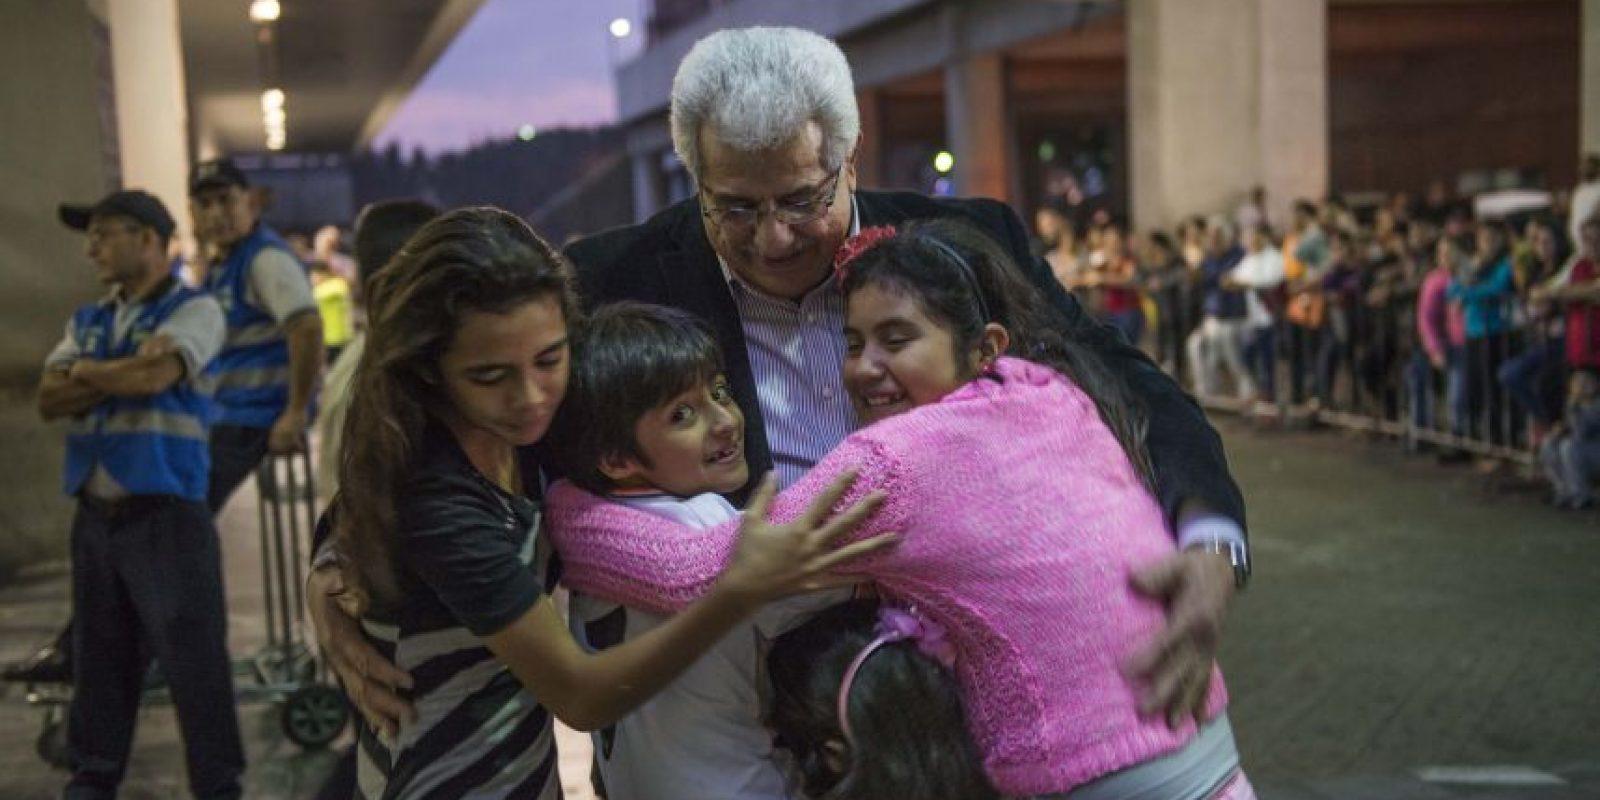 Un grupo de niños sale a toda prisa al encuentro de su abuelo quien entre lágrimas abraza a los pequeños. Foto:Oliver de Ros